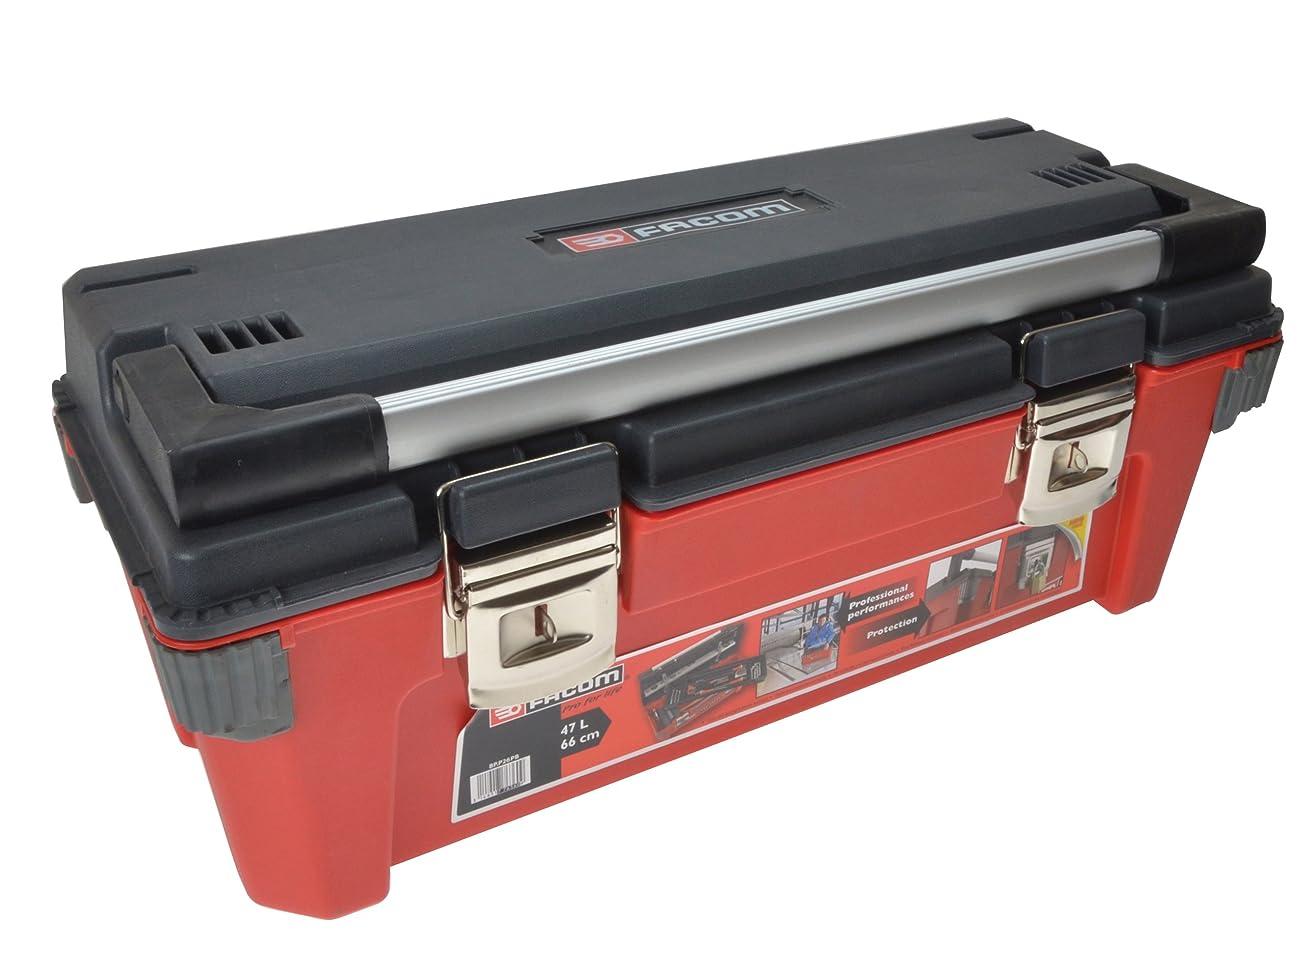 ふりをする接続されたモディッシュFacom(ファコム)プロボックス 工具箱 BP.P26